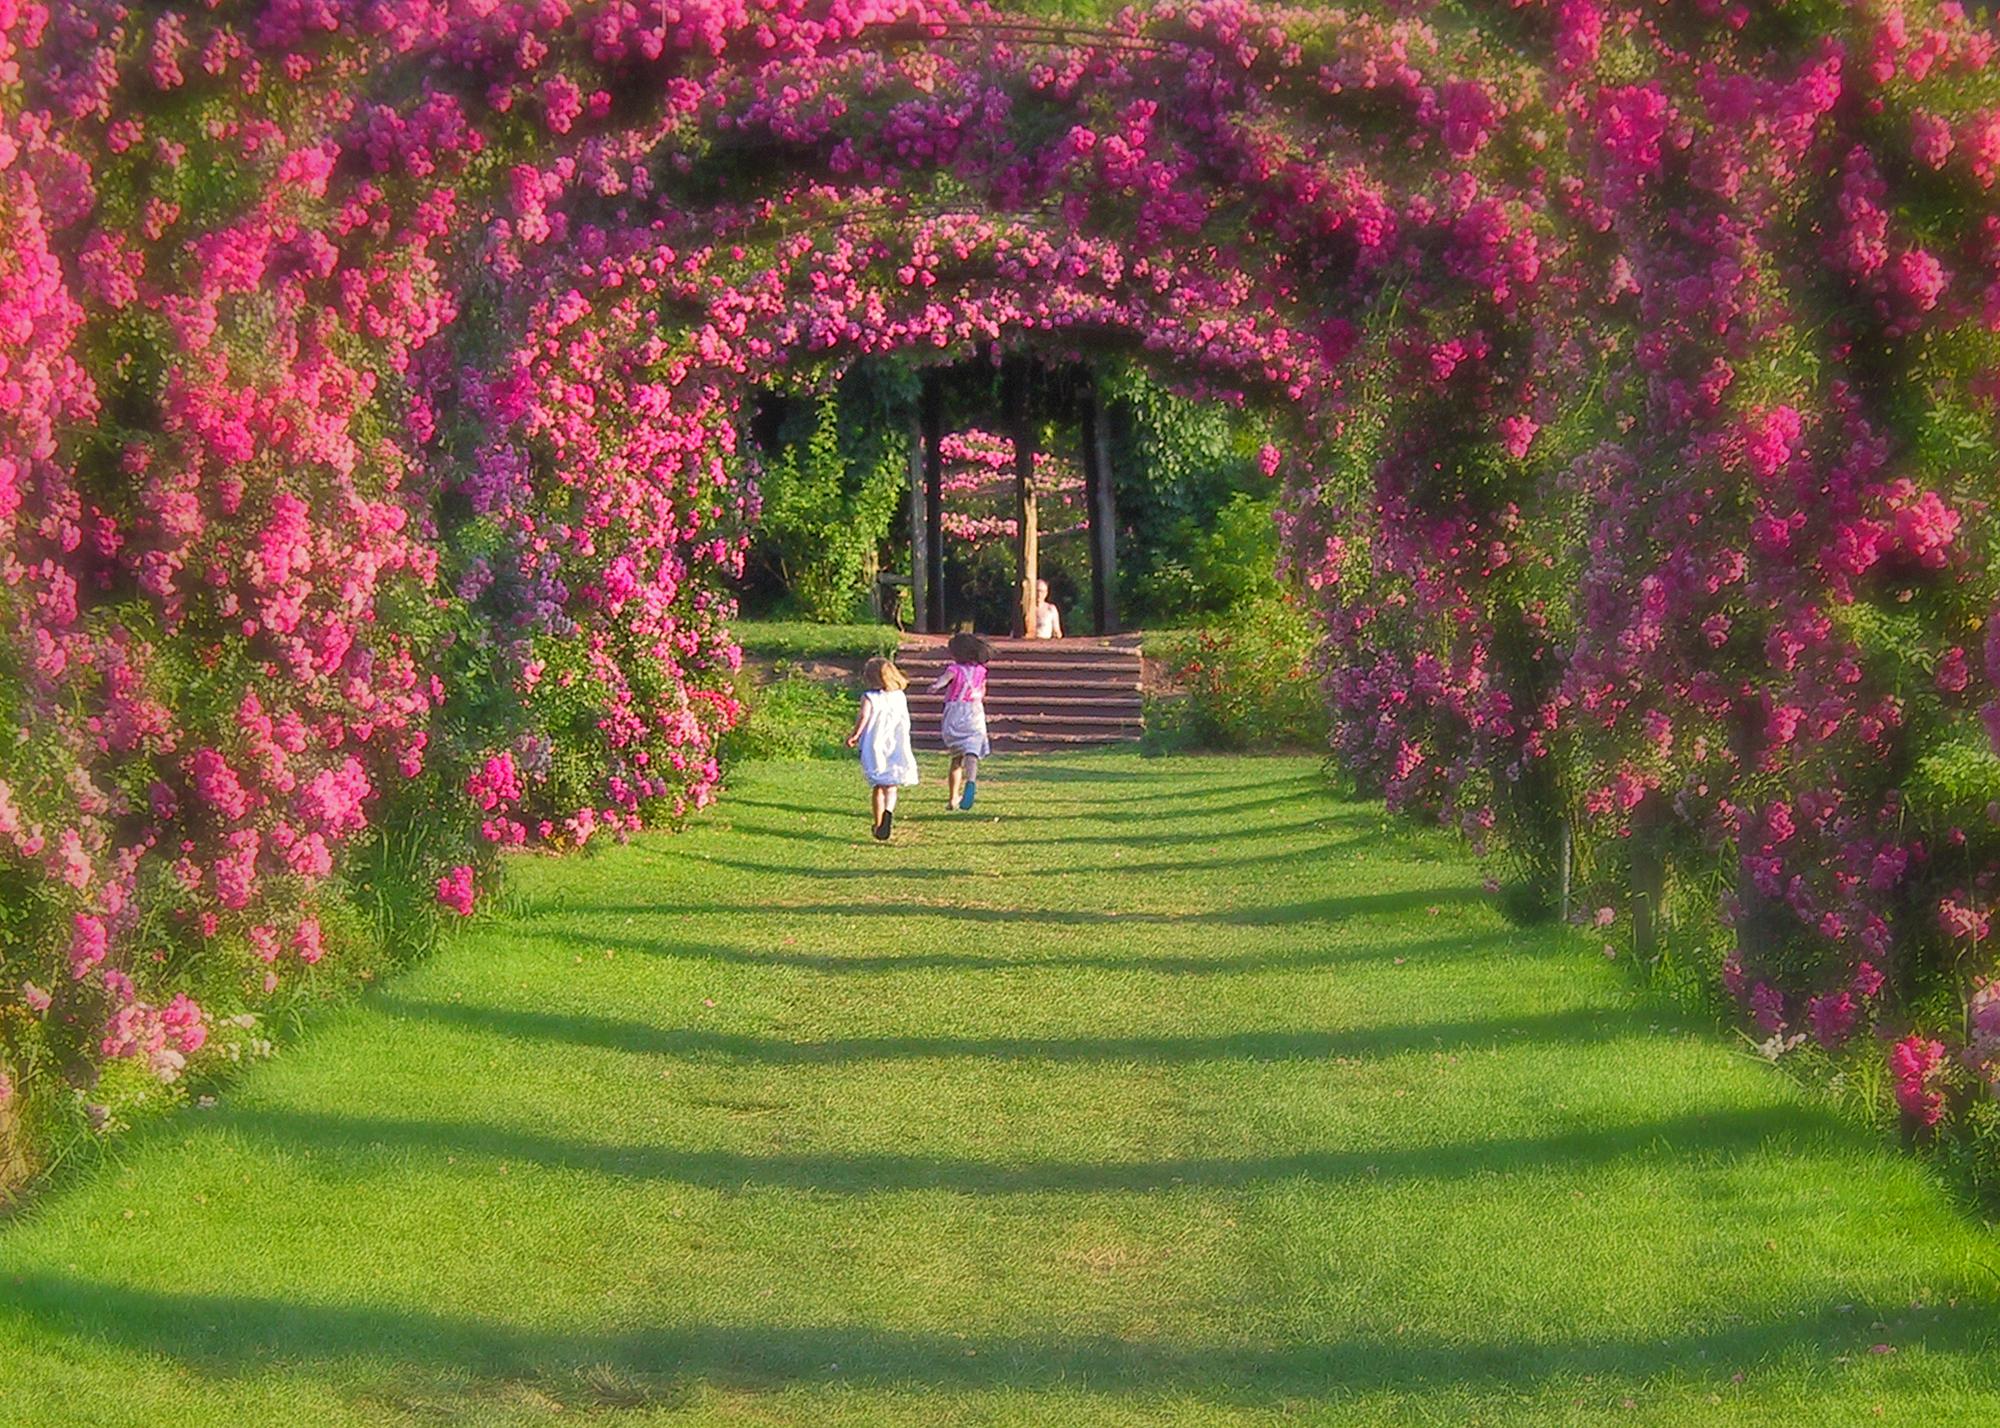 огромный розовый сад картинки будет стоять столе